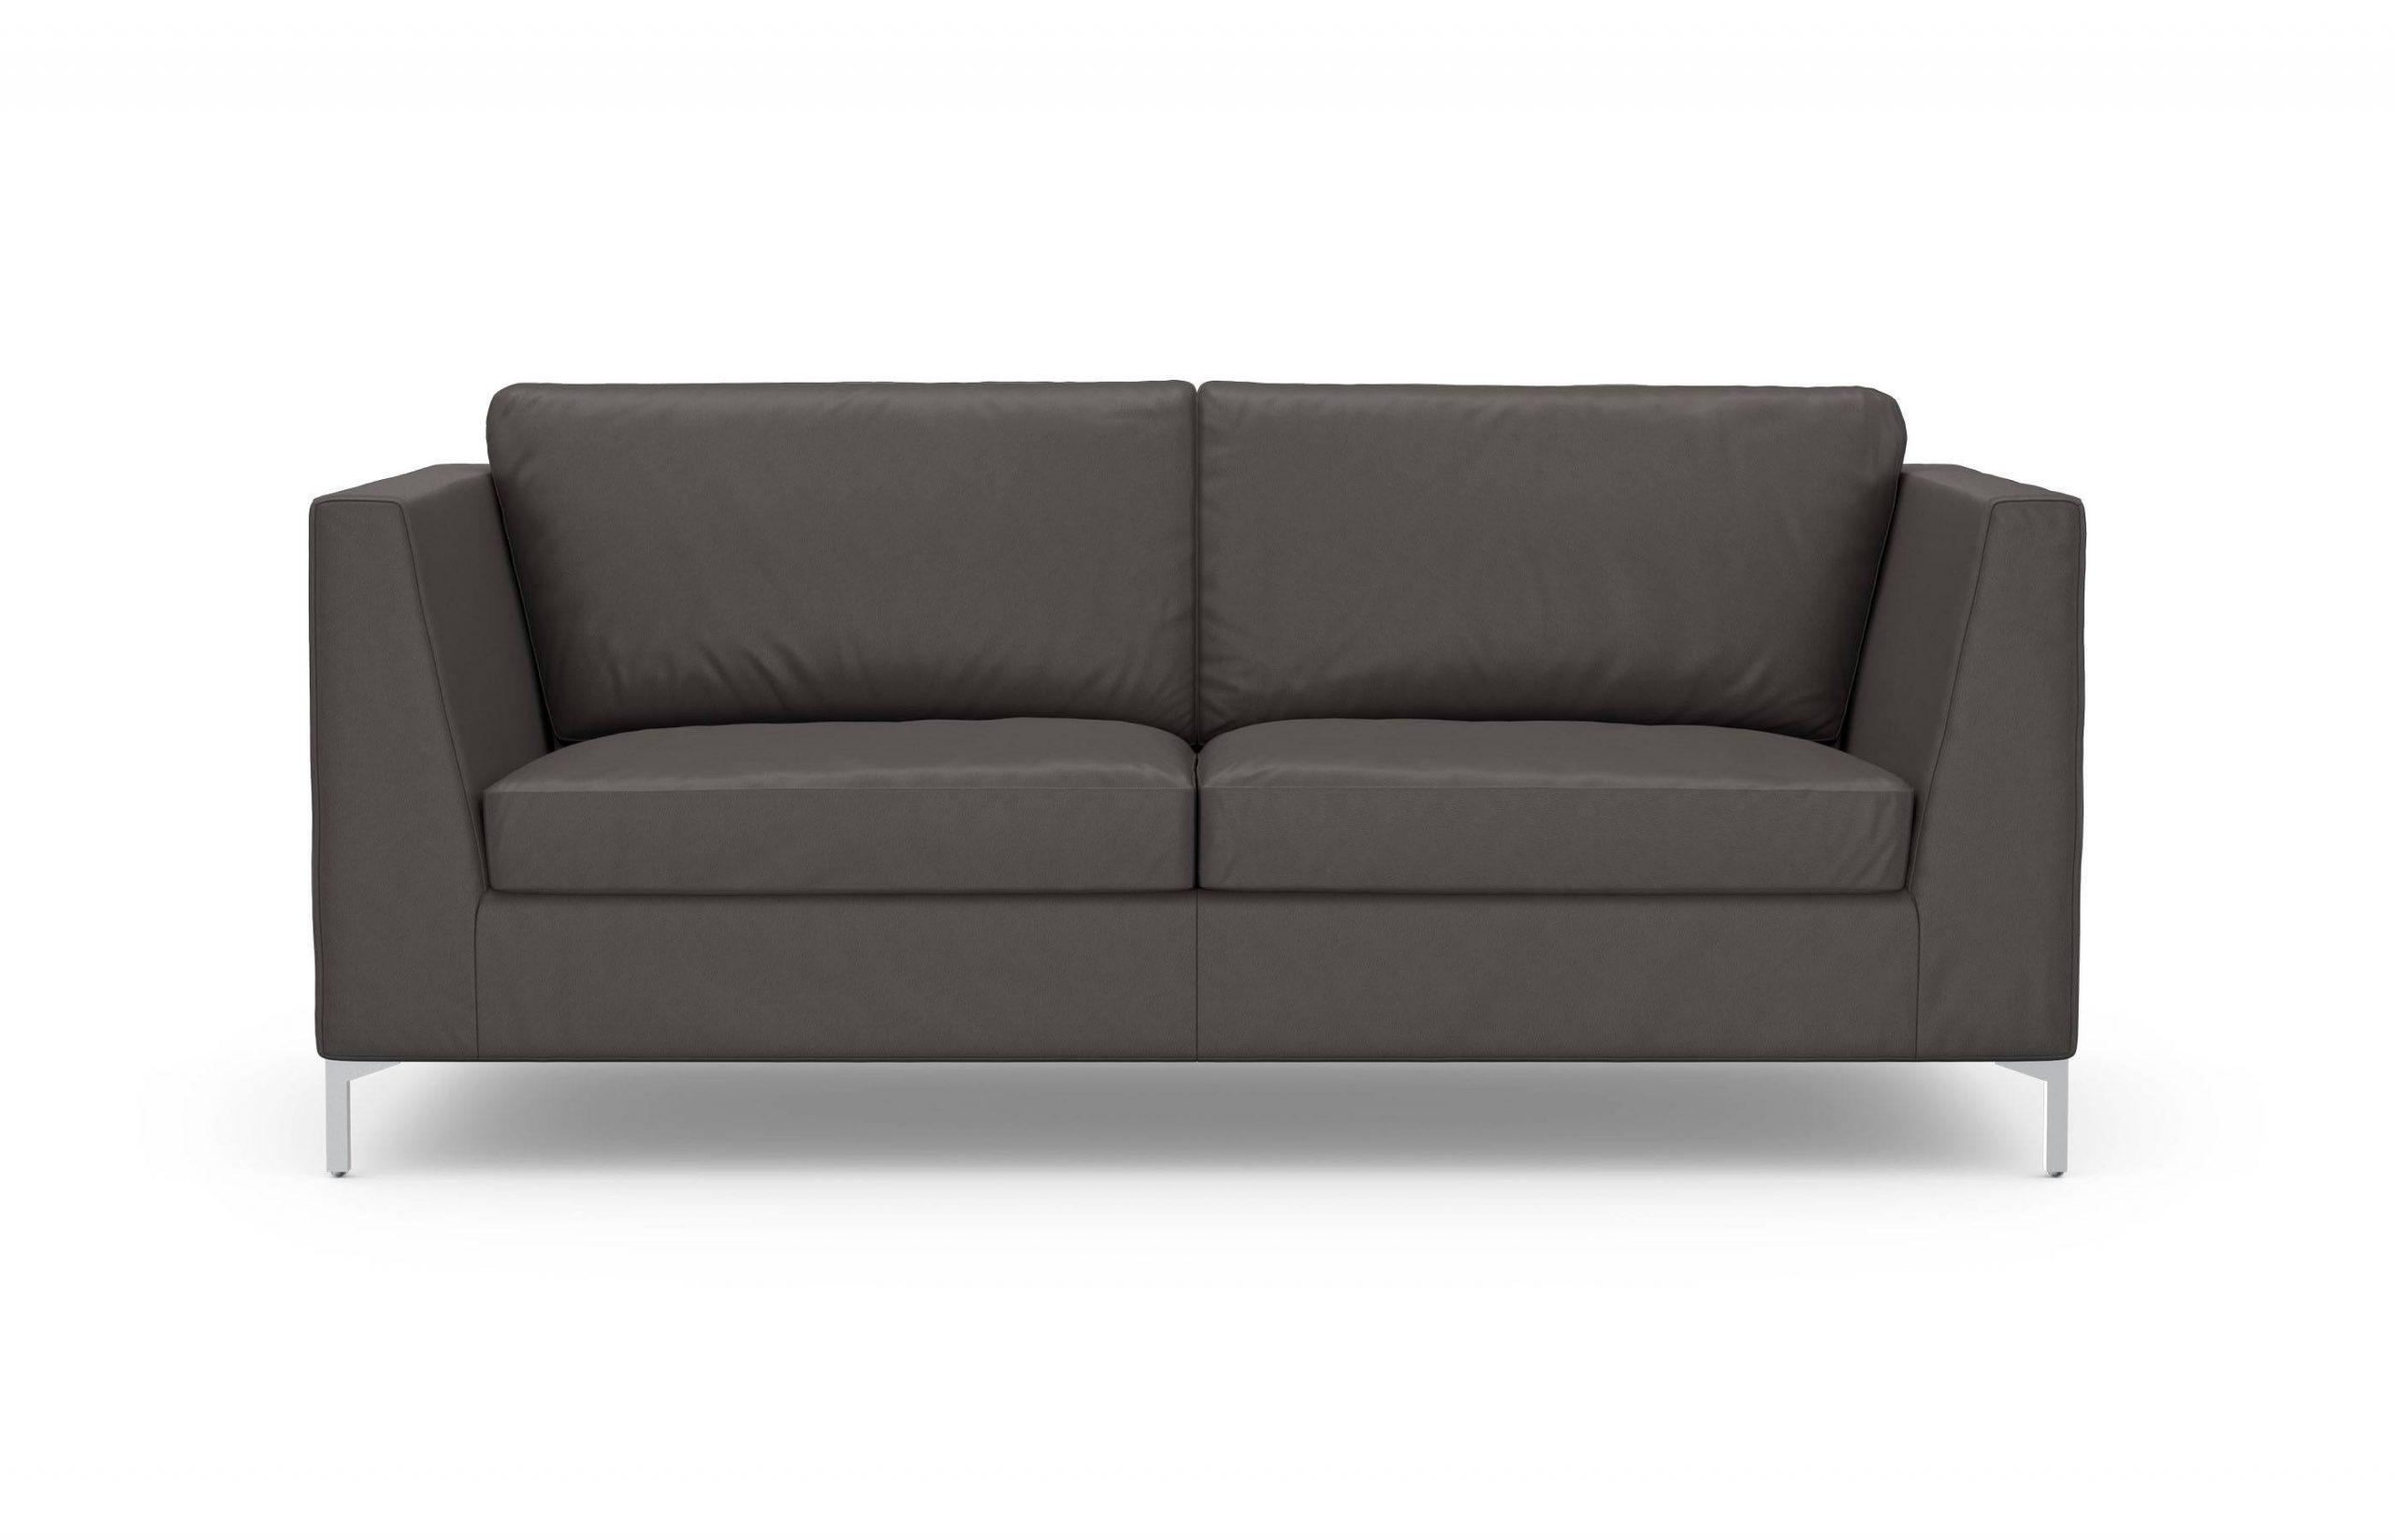 Full Size of Sofa Husse Hochwertig Ecksofa Stretch Ohne Armlehne Bezug 3 Sitzer Ikea Weiss Ottomane Rechts Couch L Form Links U Form Mit Hussen Waschbar 2 Sitzer Englisches Sofa Husse Sofa